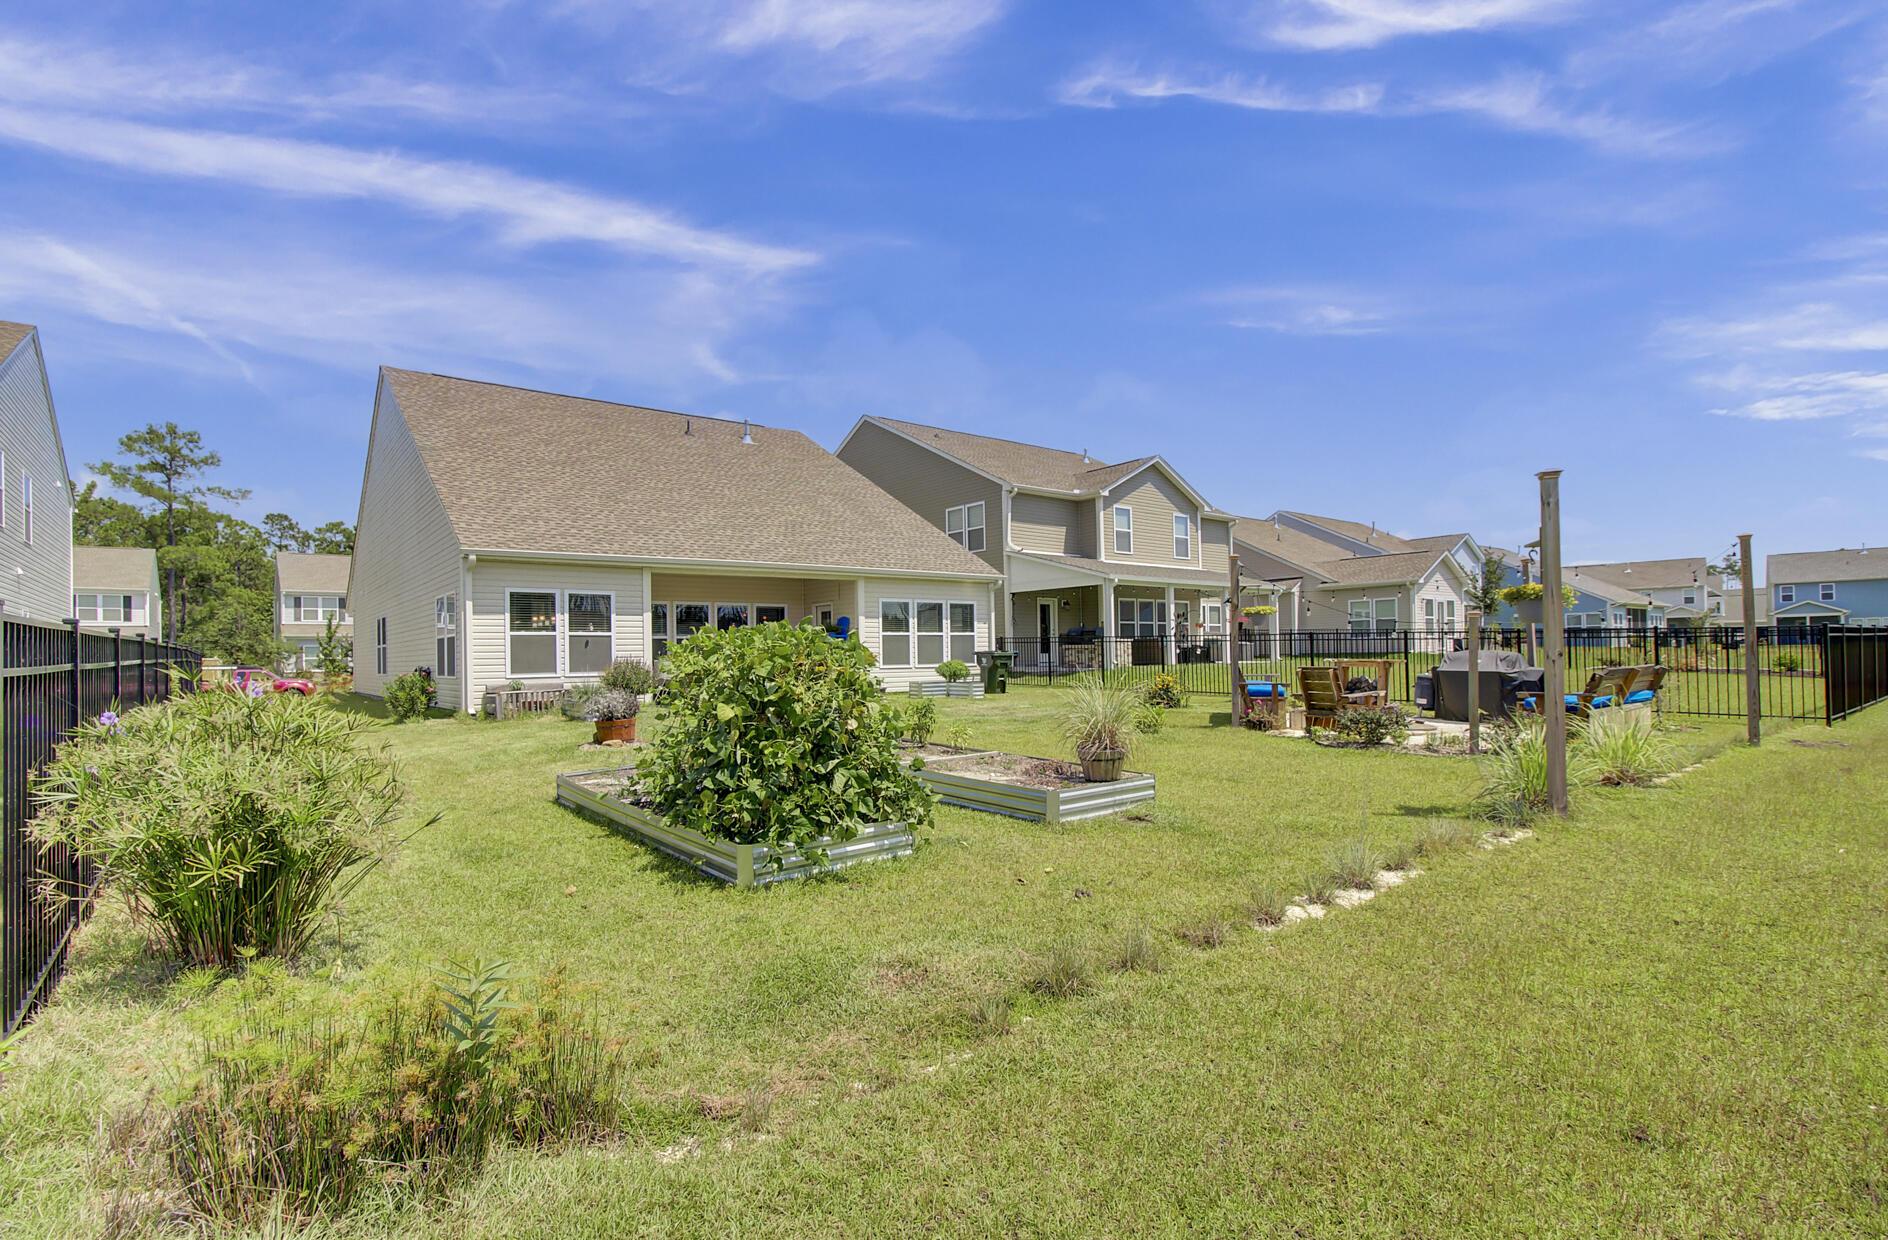 North Creek Village Homes For Sale - 384 Dunlin, Summerville, SC - 29